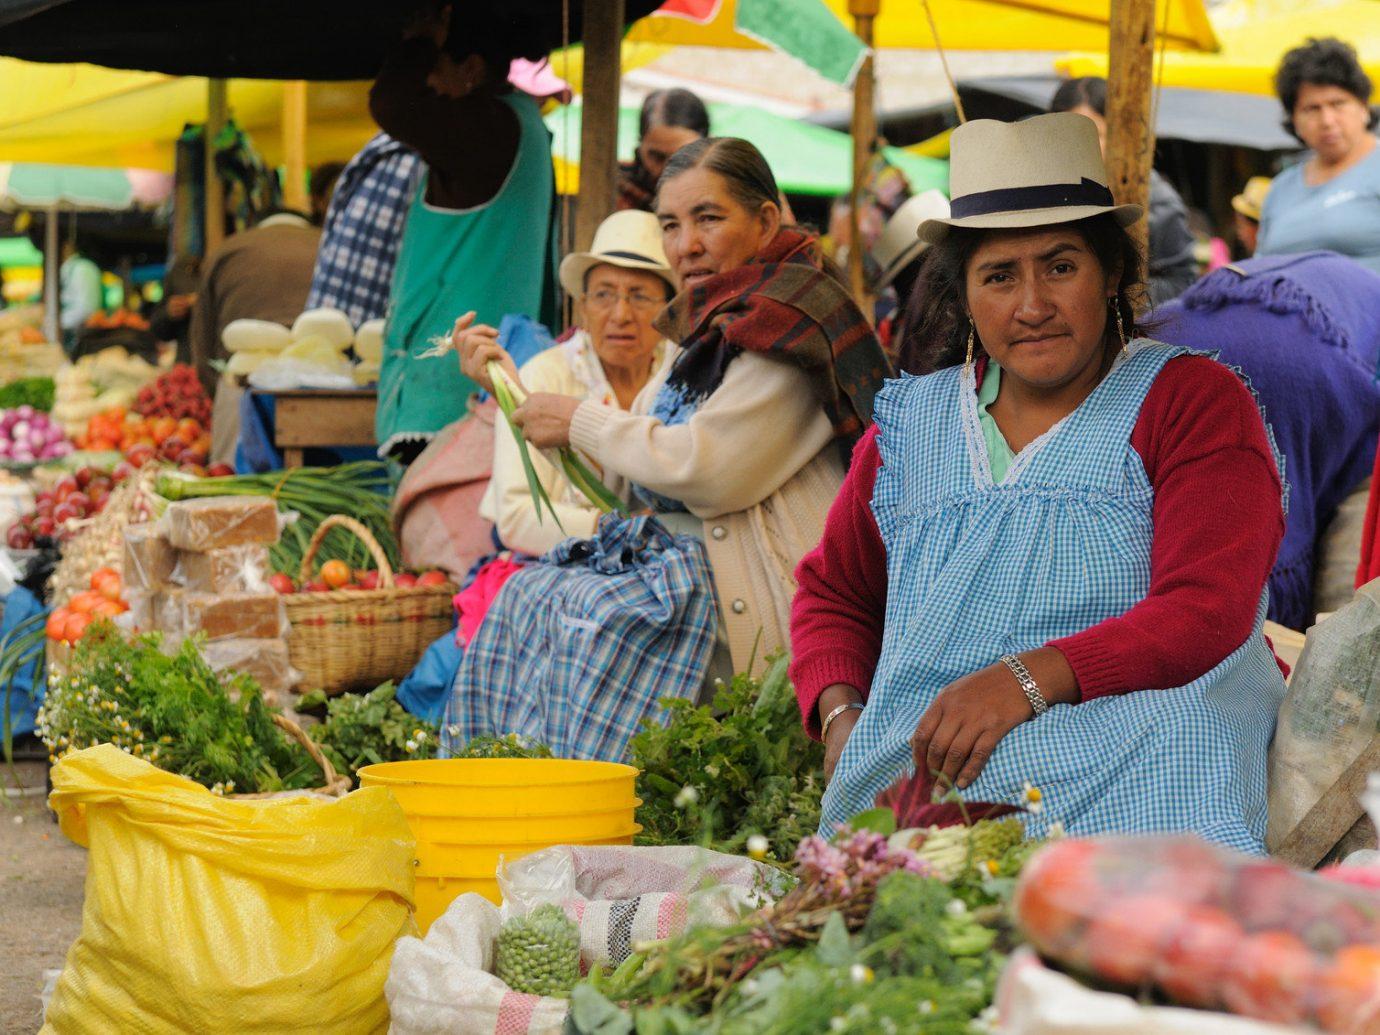 Trip Ideas person marketplace market City public space vendor human settlement food colorful